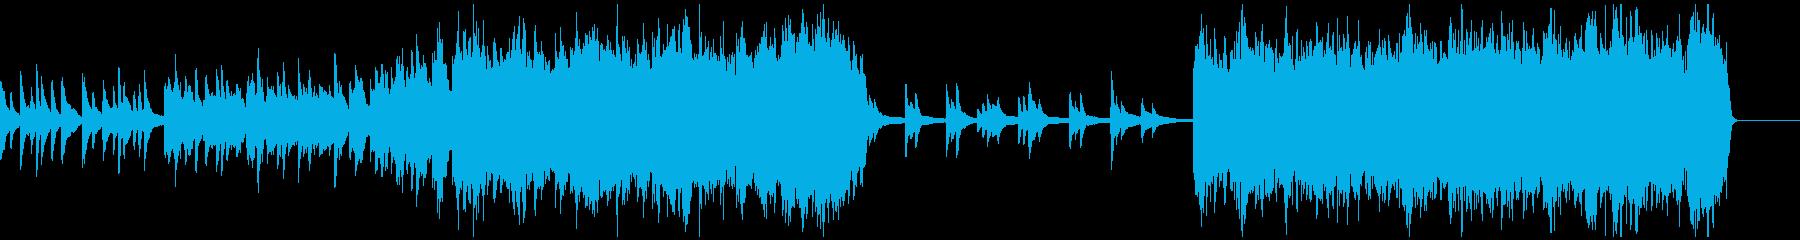 幻想的で壮大なピアノとストリングス曲の再生済みの波形